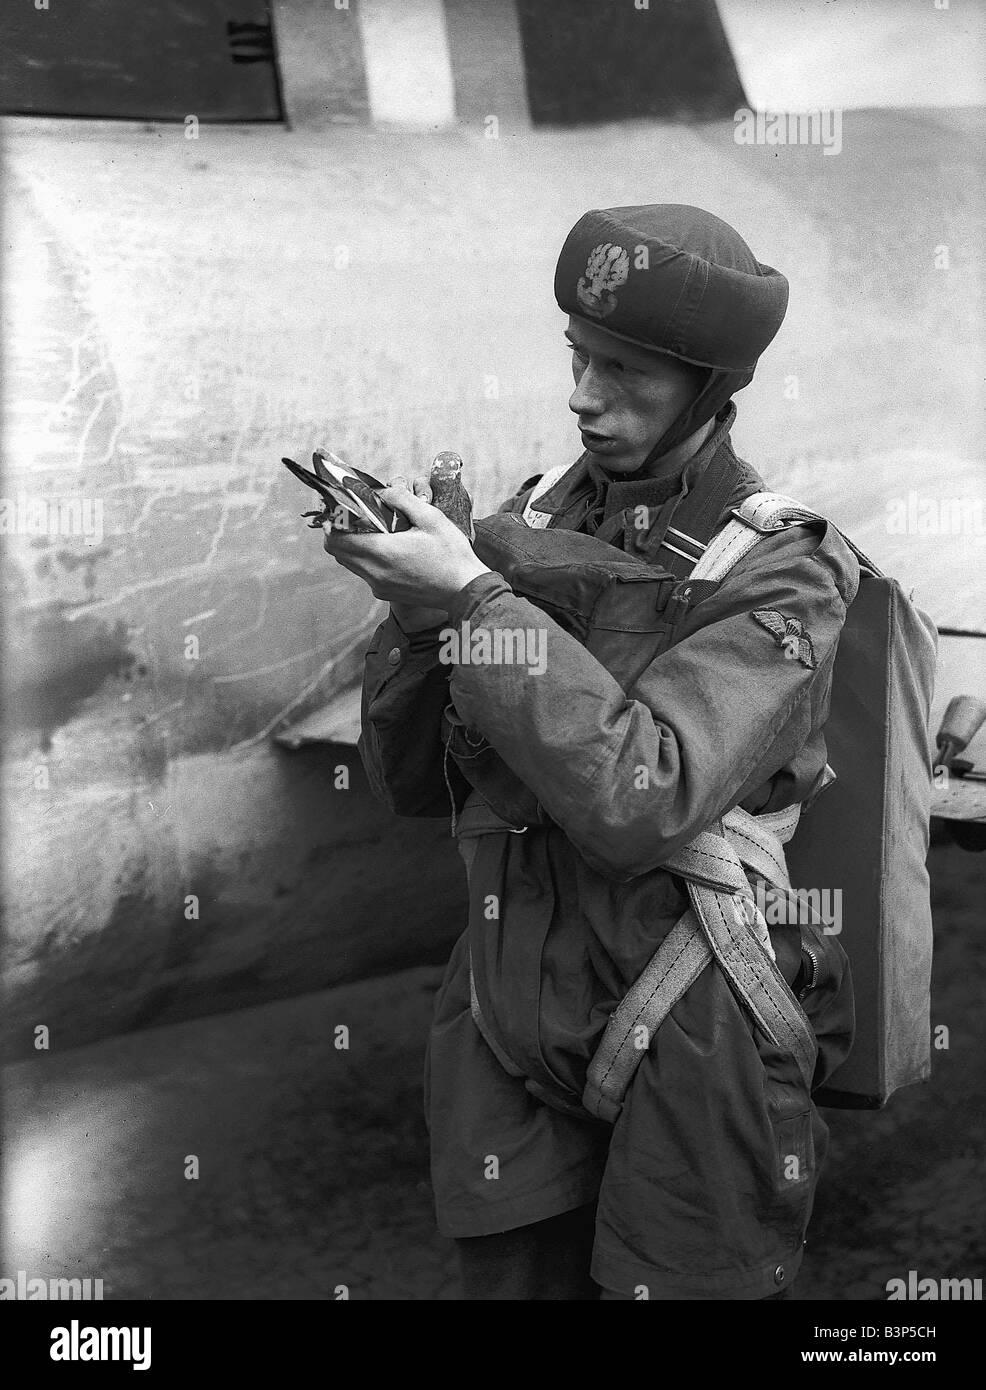 Band of Brothers Un-soldat-pendant-la-seconde-guerre-mondiale-tenant-un-pigeon-voyageur-b3p5ch